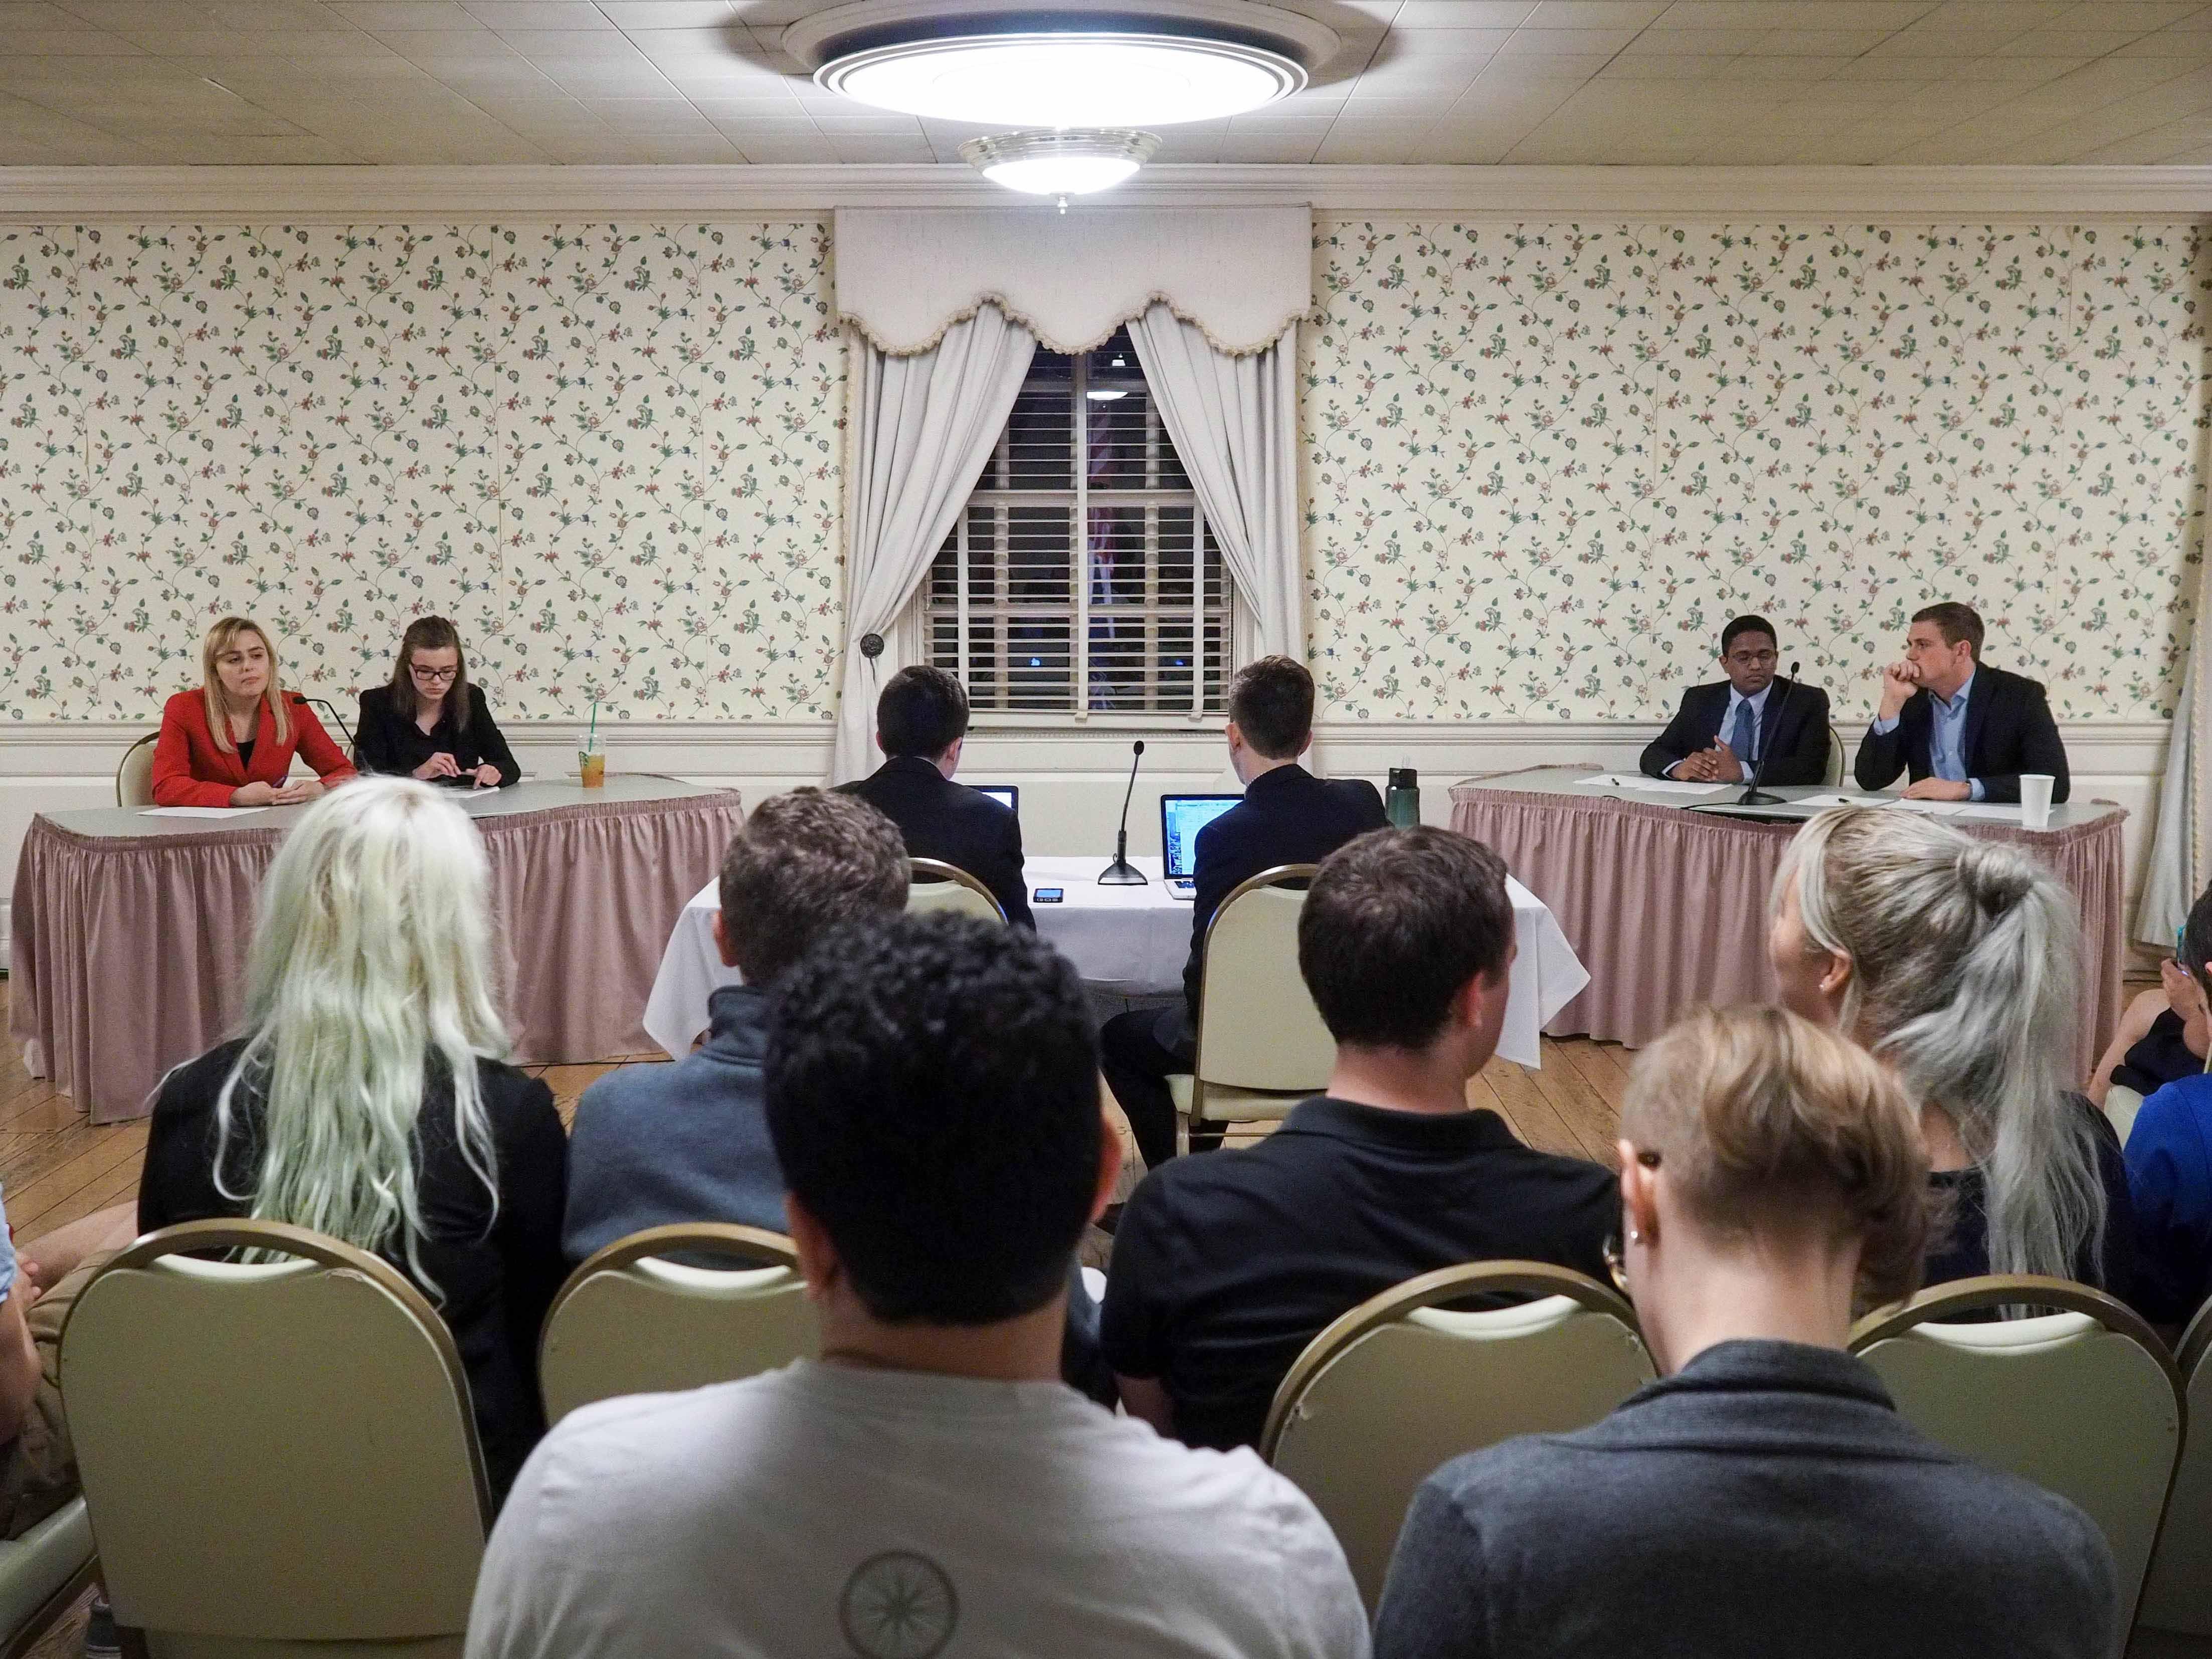 Illini Student Senate members hold Republican-Democratic debate in the Union. October 6, 2016.